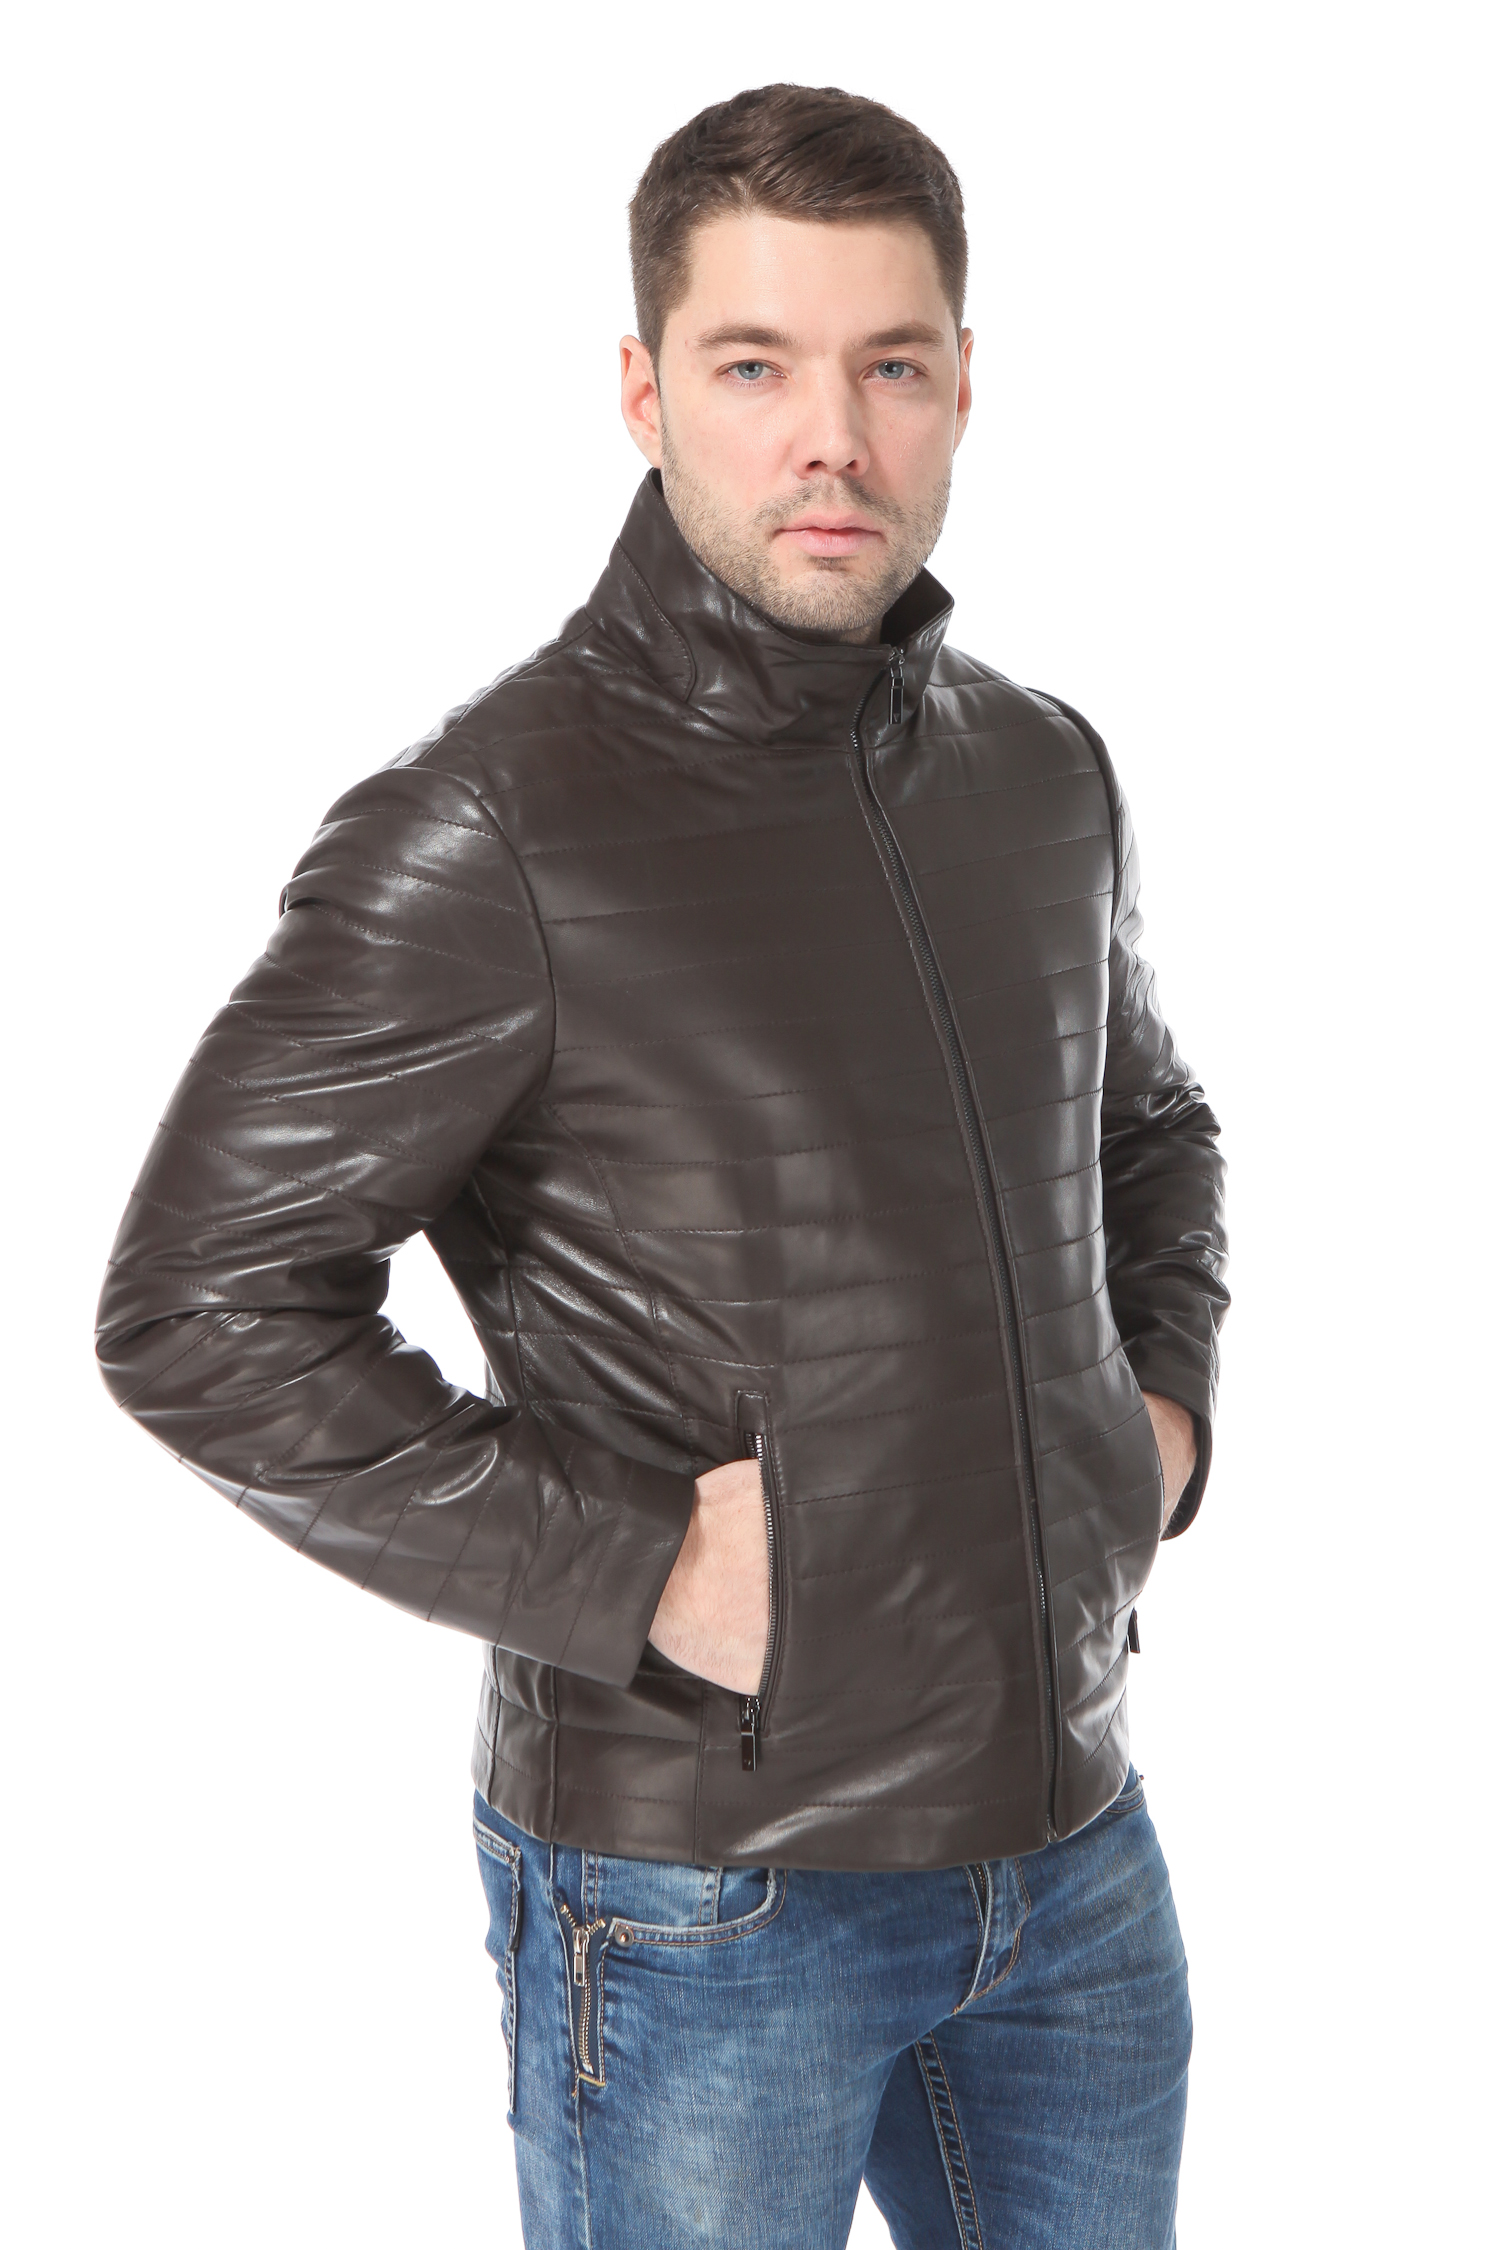 Мужская кожаная куртка из натуральной кожи утепленнаяЦвет - горький шоколад.<br><br>Кожаная куртка нейтрального цвета и лаконичного кроя - это основа осенне-весеннего гардероба.<br><br>Модель выполнена из высококачественной и очень мягкой кожи ягненка.<br><br>Куртка с застежкой на молнию дополнена боковыми карманами. В качестве украшения используется декоративная прострочка.<br><br>Воротник: стойка<br>Длина см: Короткая (51-74 )<br>Материал: Кожа овчина<br>Цвет: коричневый<br>Вид застежки: центральная<br>Застежка: на молнии<br>Пол: Мужской<br>Размер RU: 58